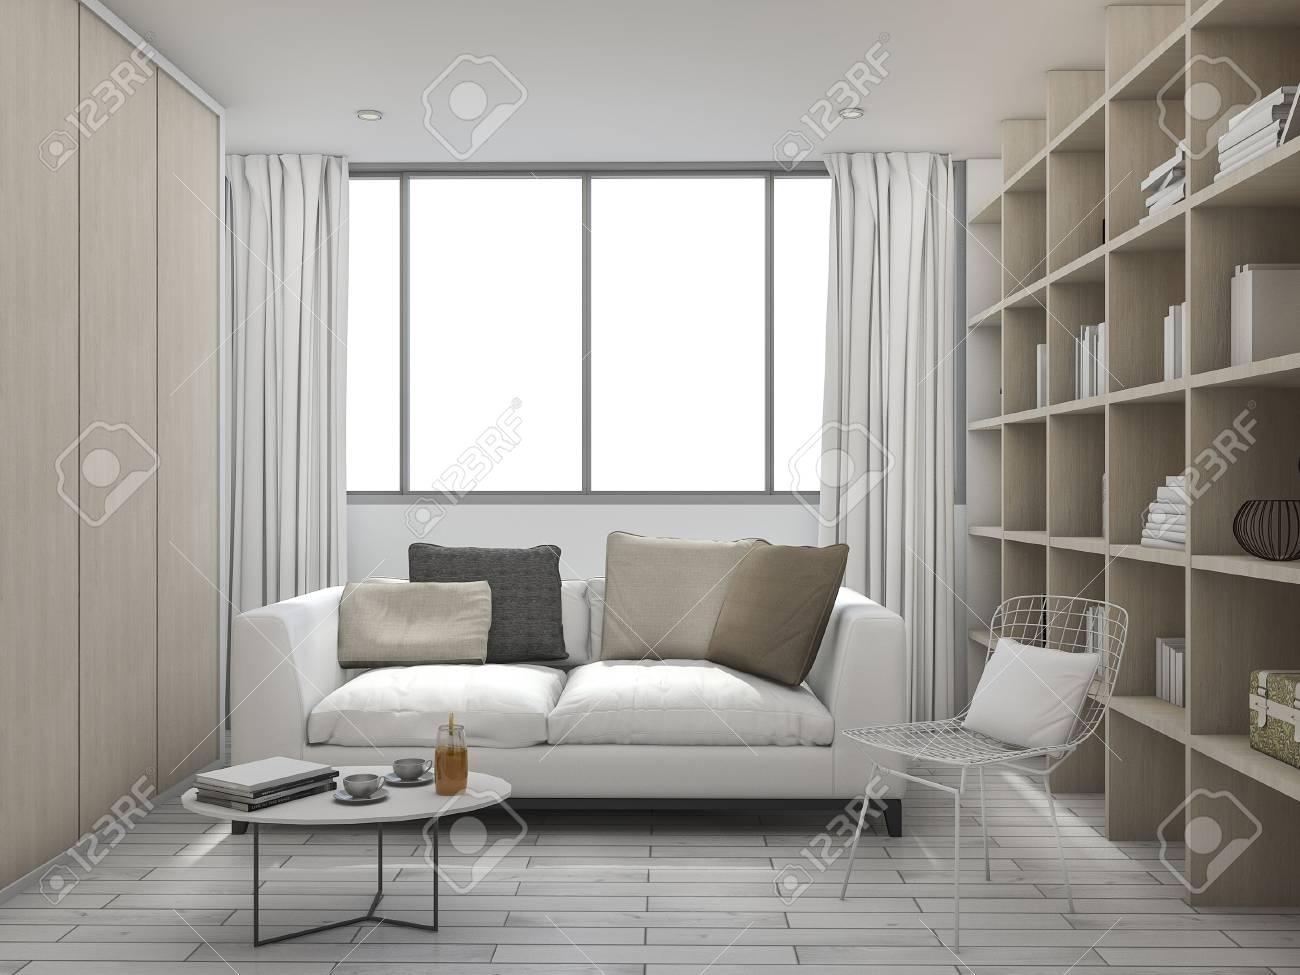 Kissen Wohnzimmer.Stock Photo